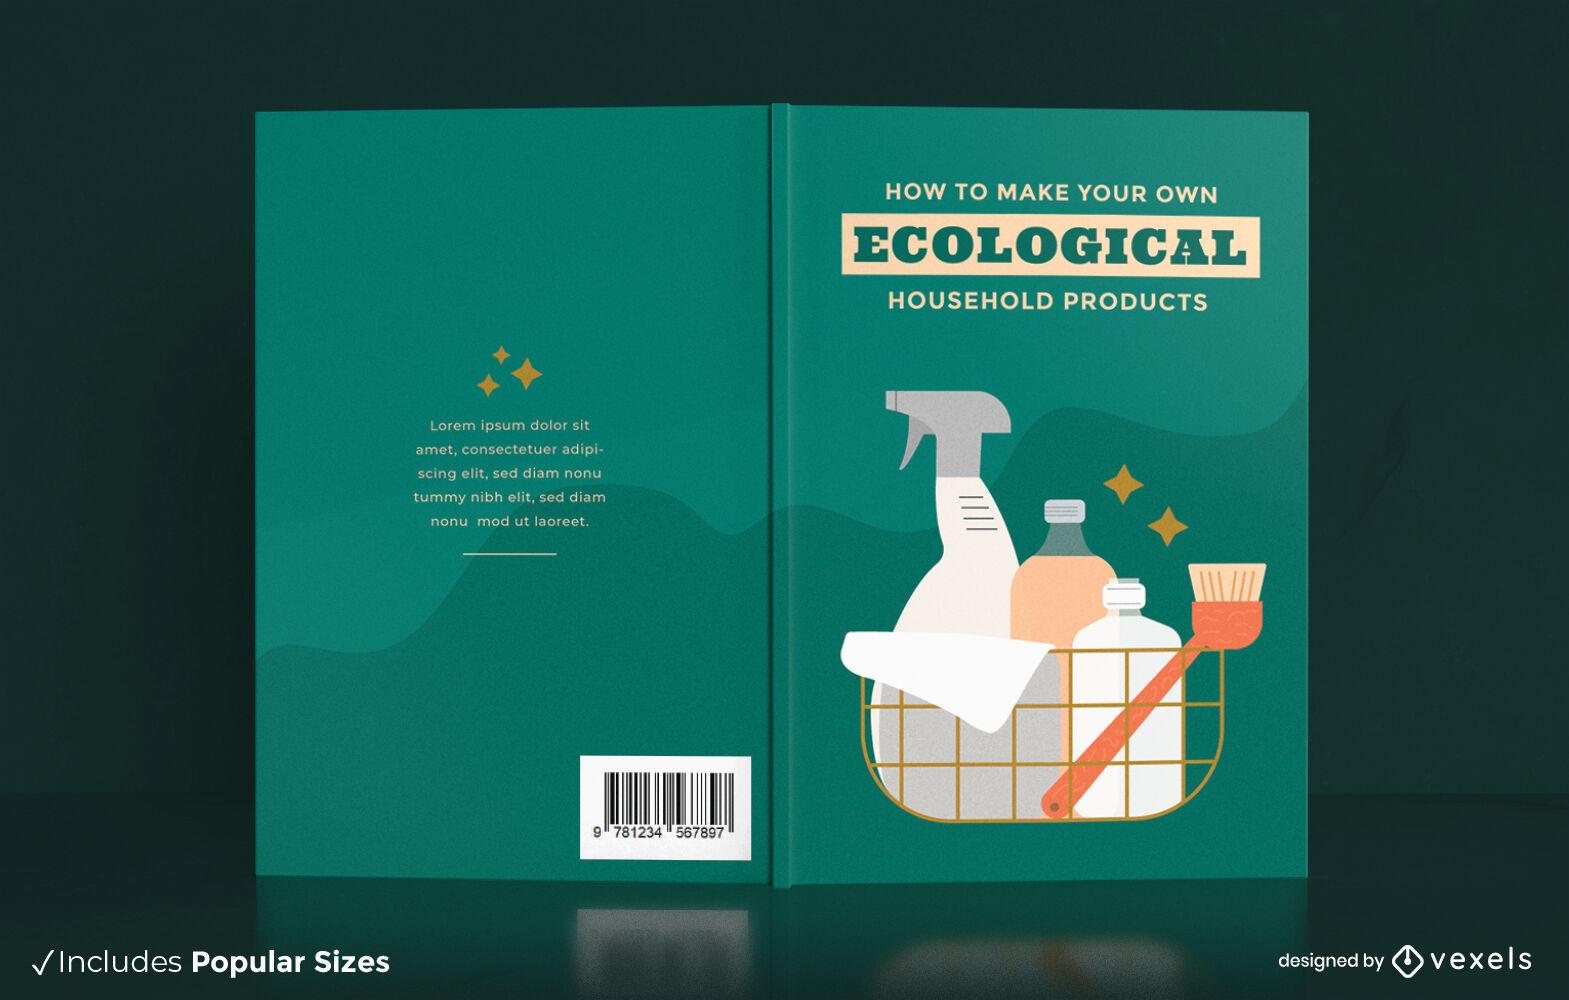 Diseño de portada de libro de producto ecológico para el hogar.